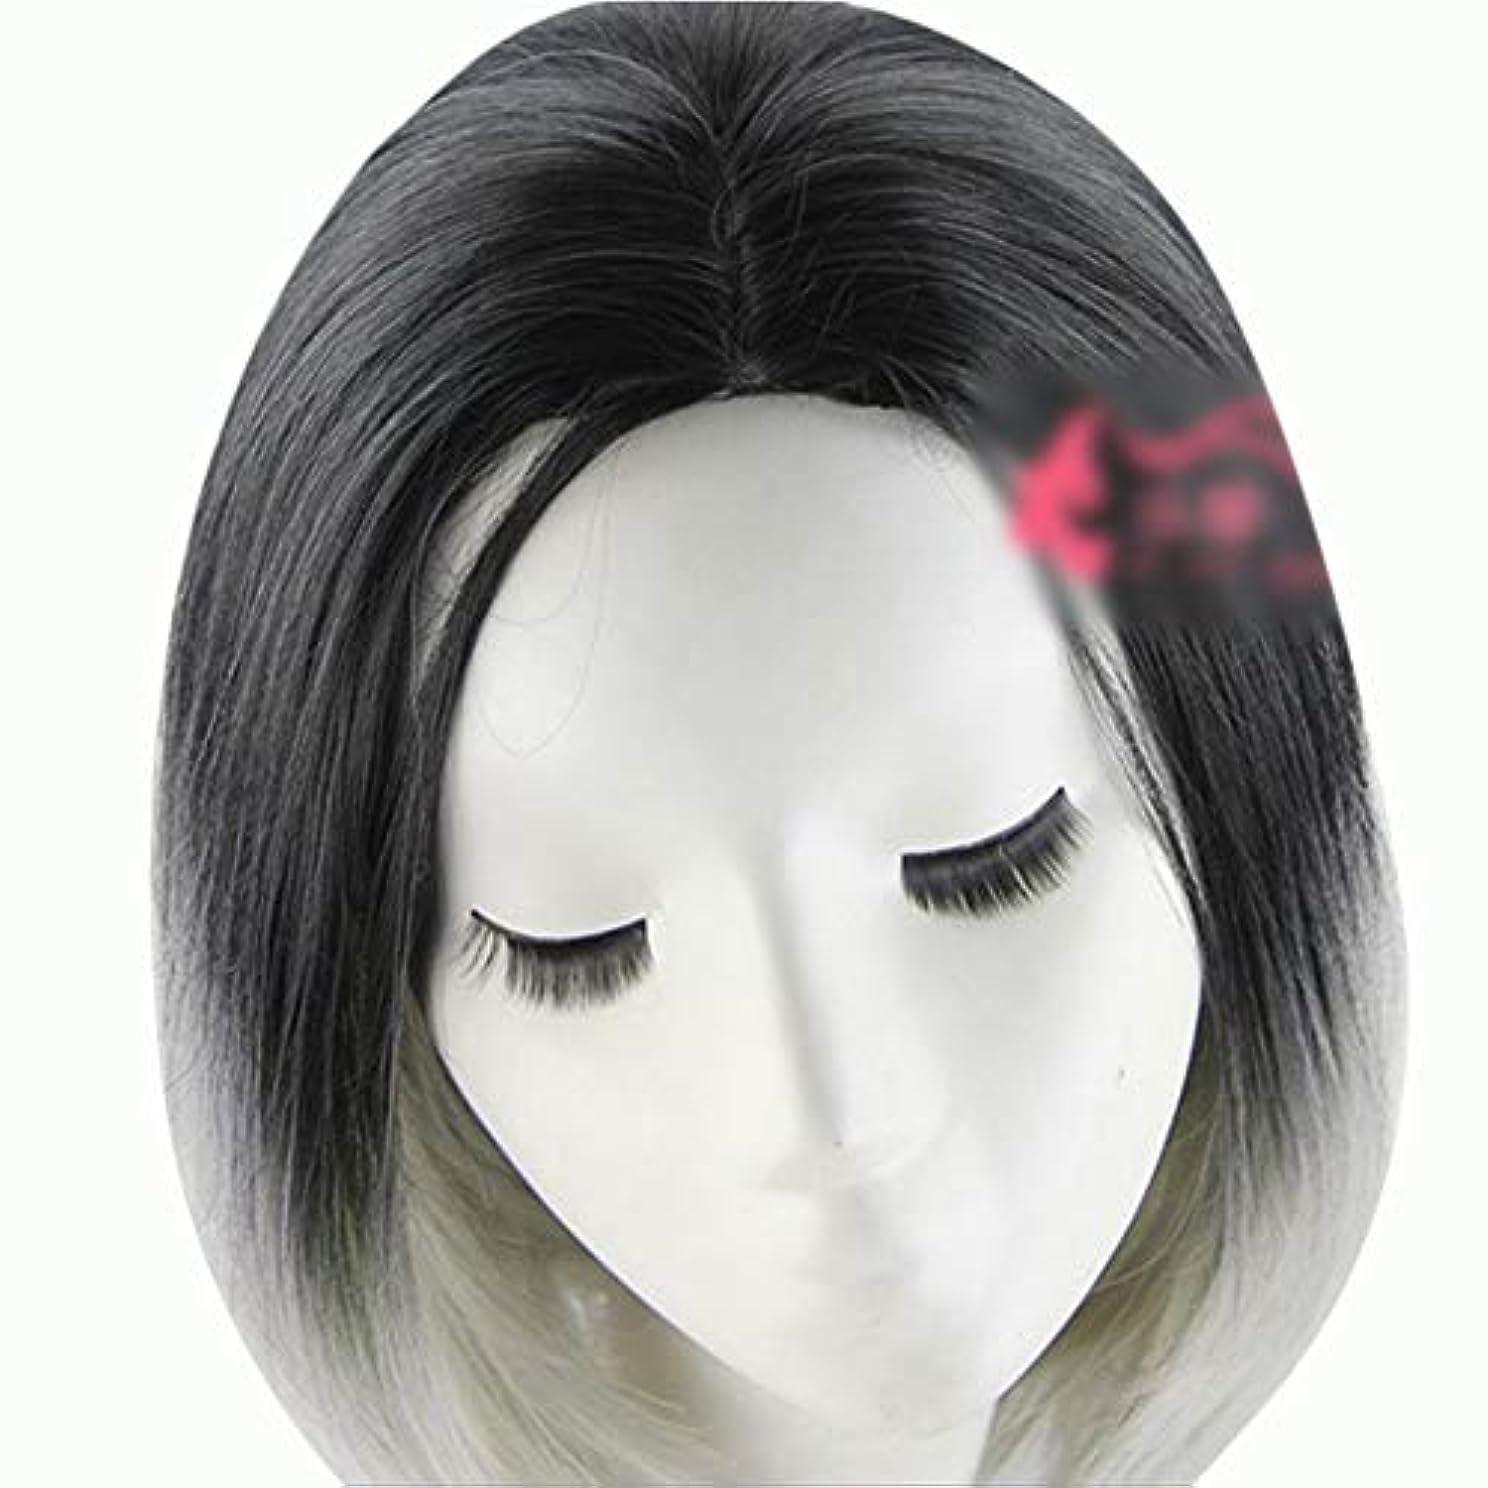 バングラデシュアソシエイトビームWASAIO 人工毛髪グレーダークショートボブヘアウィッグ36cm (色 : グレー)